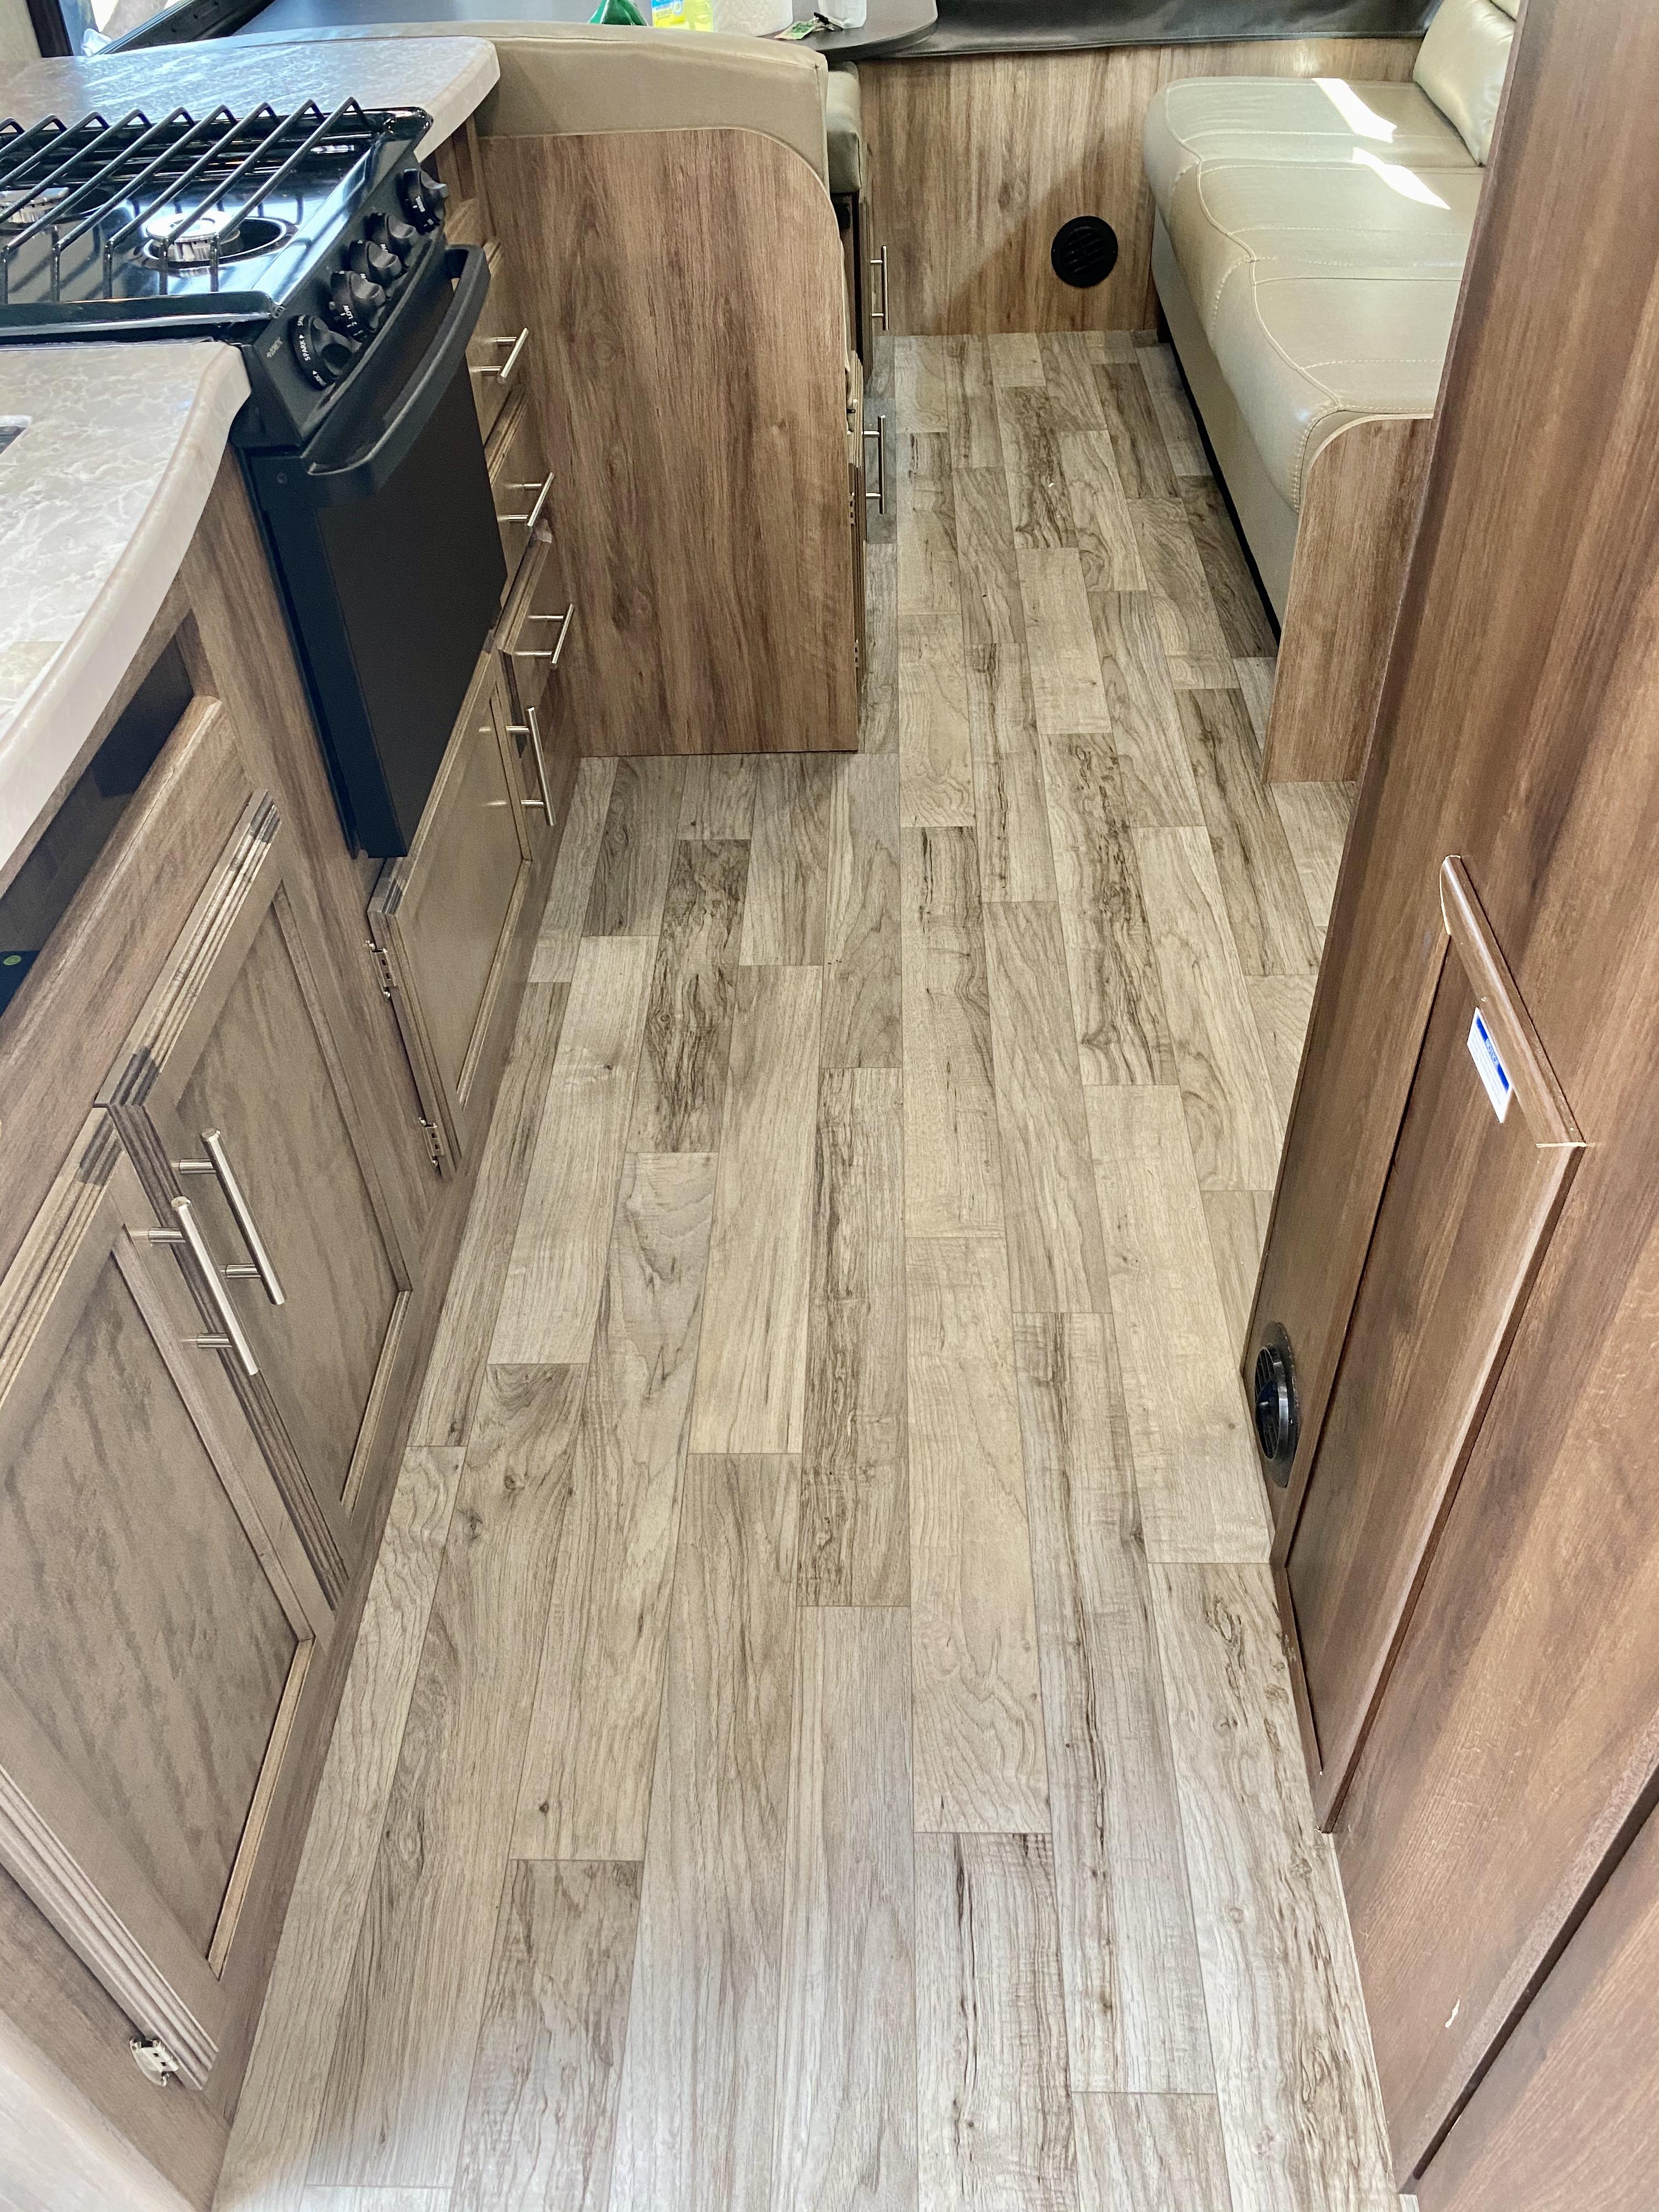 Nice LVP easy care floor. Jayco Jay Feather 2019